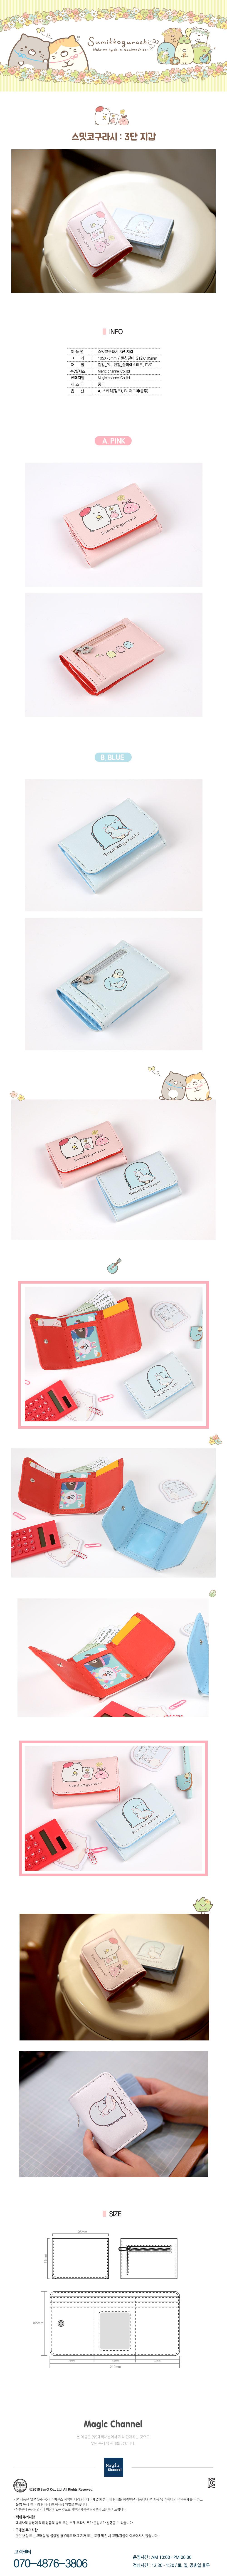 [스밋코구라시] 3단지갑 - 매직채널, 7,200원, 동전/카드지갑, 동전지갑